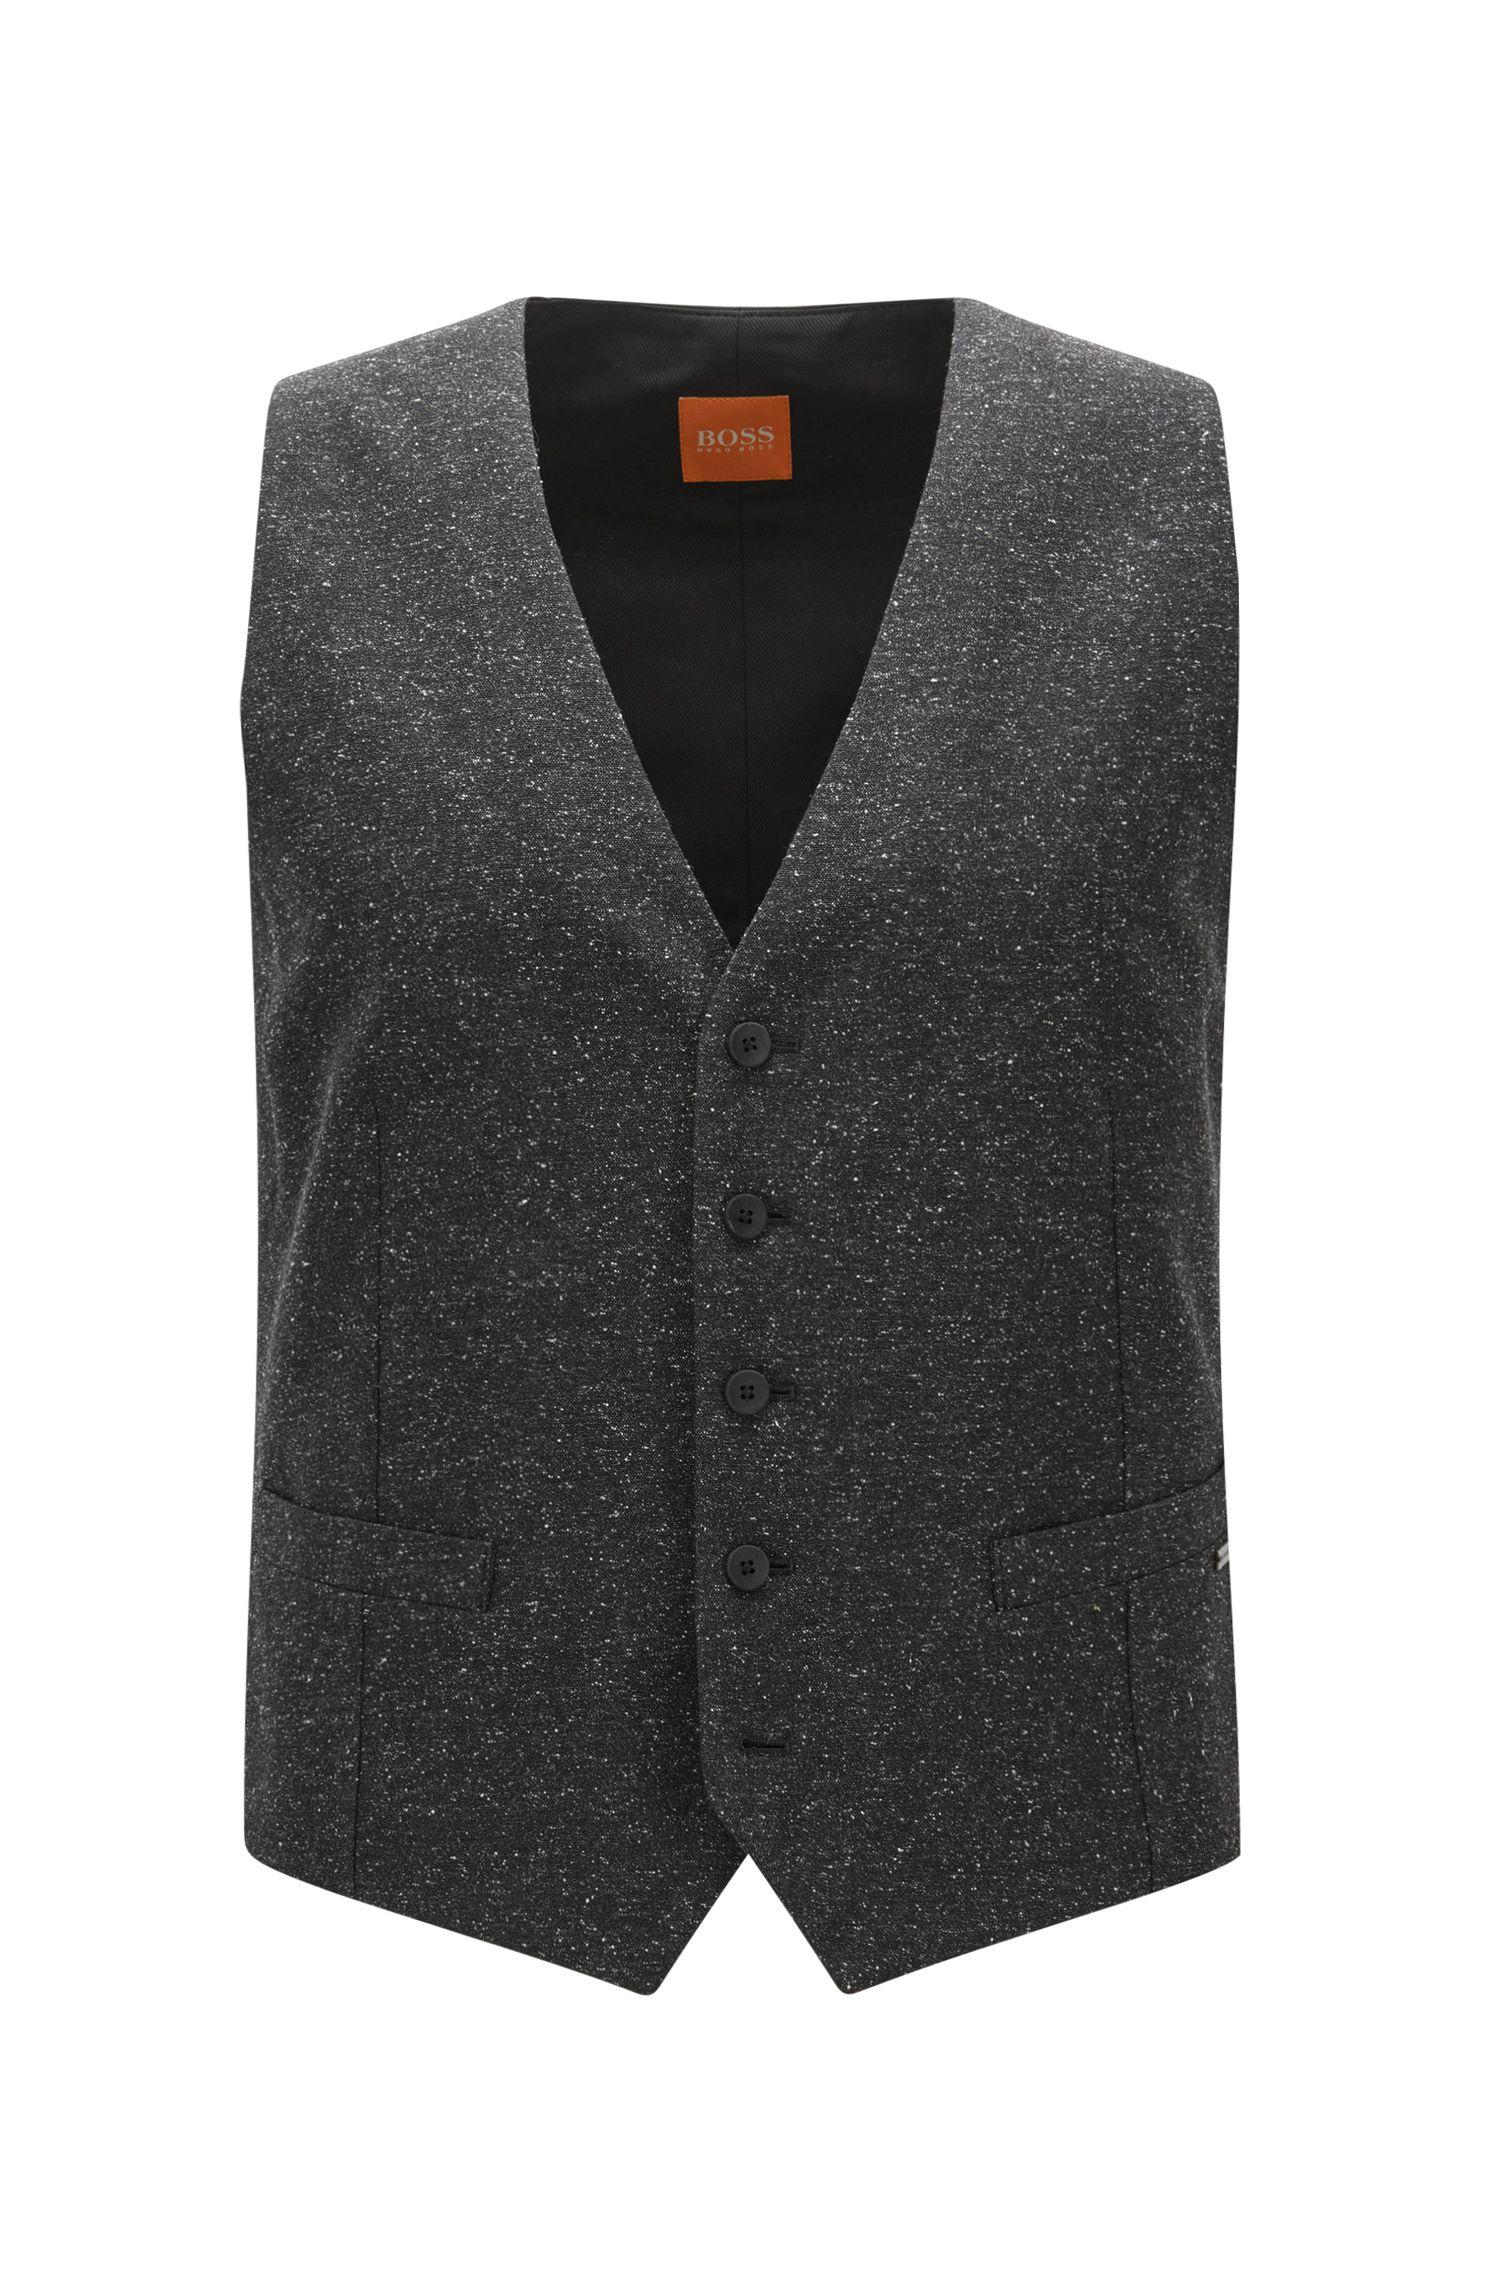 Gilet slim fit in tweed invernale